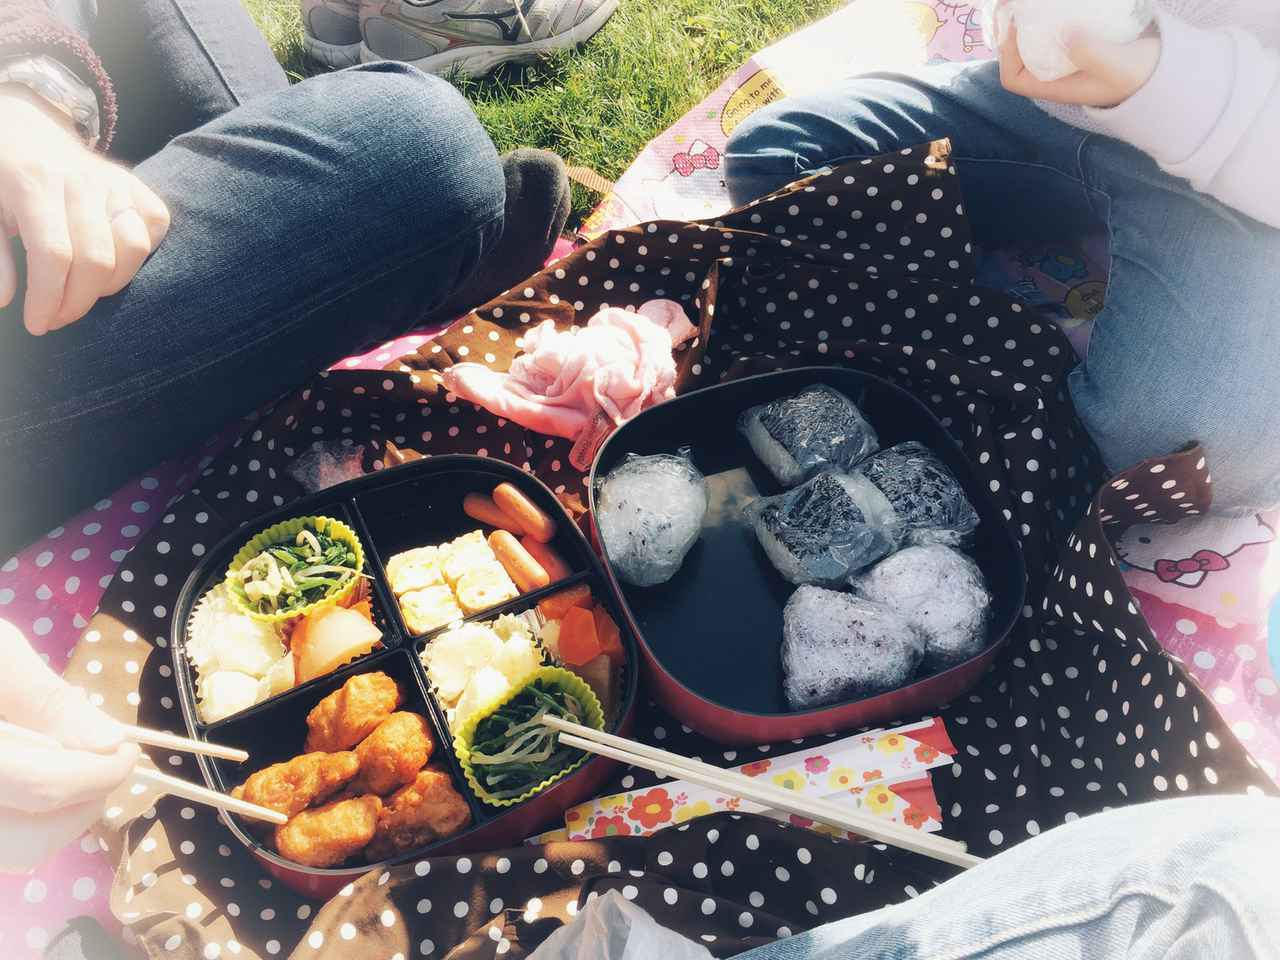 画像: ピクニックに欠かせない「お弁当作り」 食中毒は冬でも油断大敵! 安全さ・おいしさ・美しさがポイント